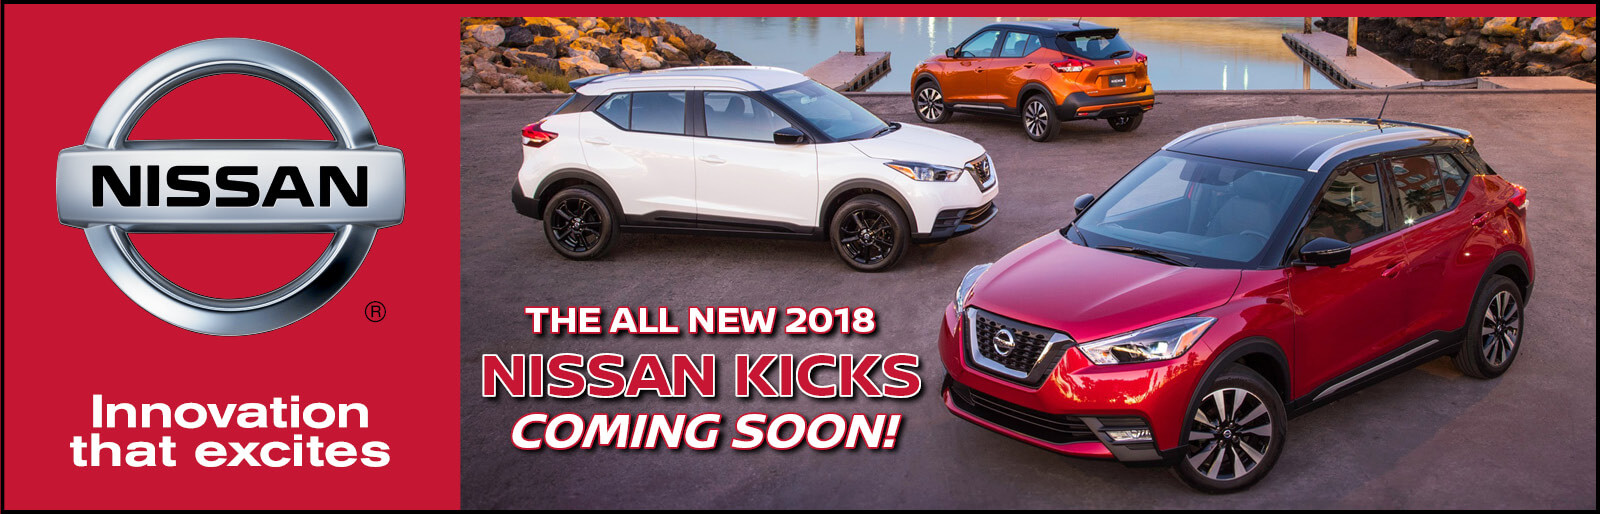 All New 2018 Nissan Kicks